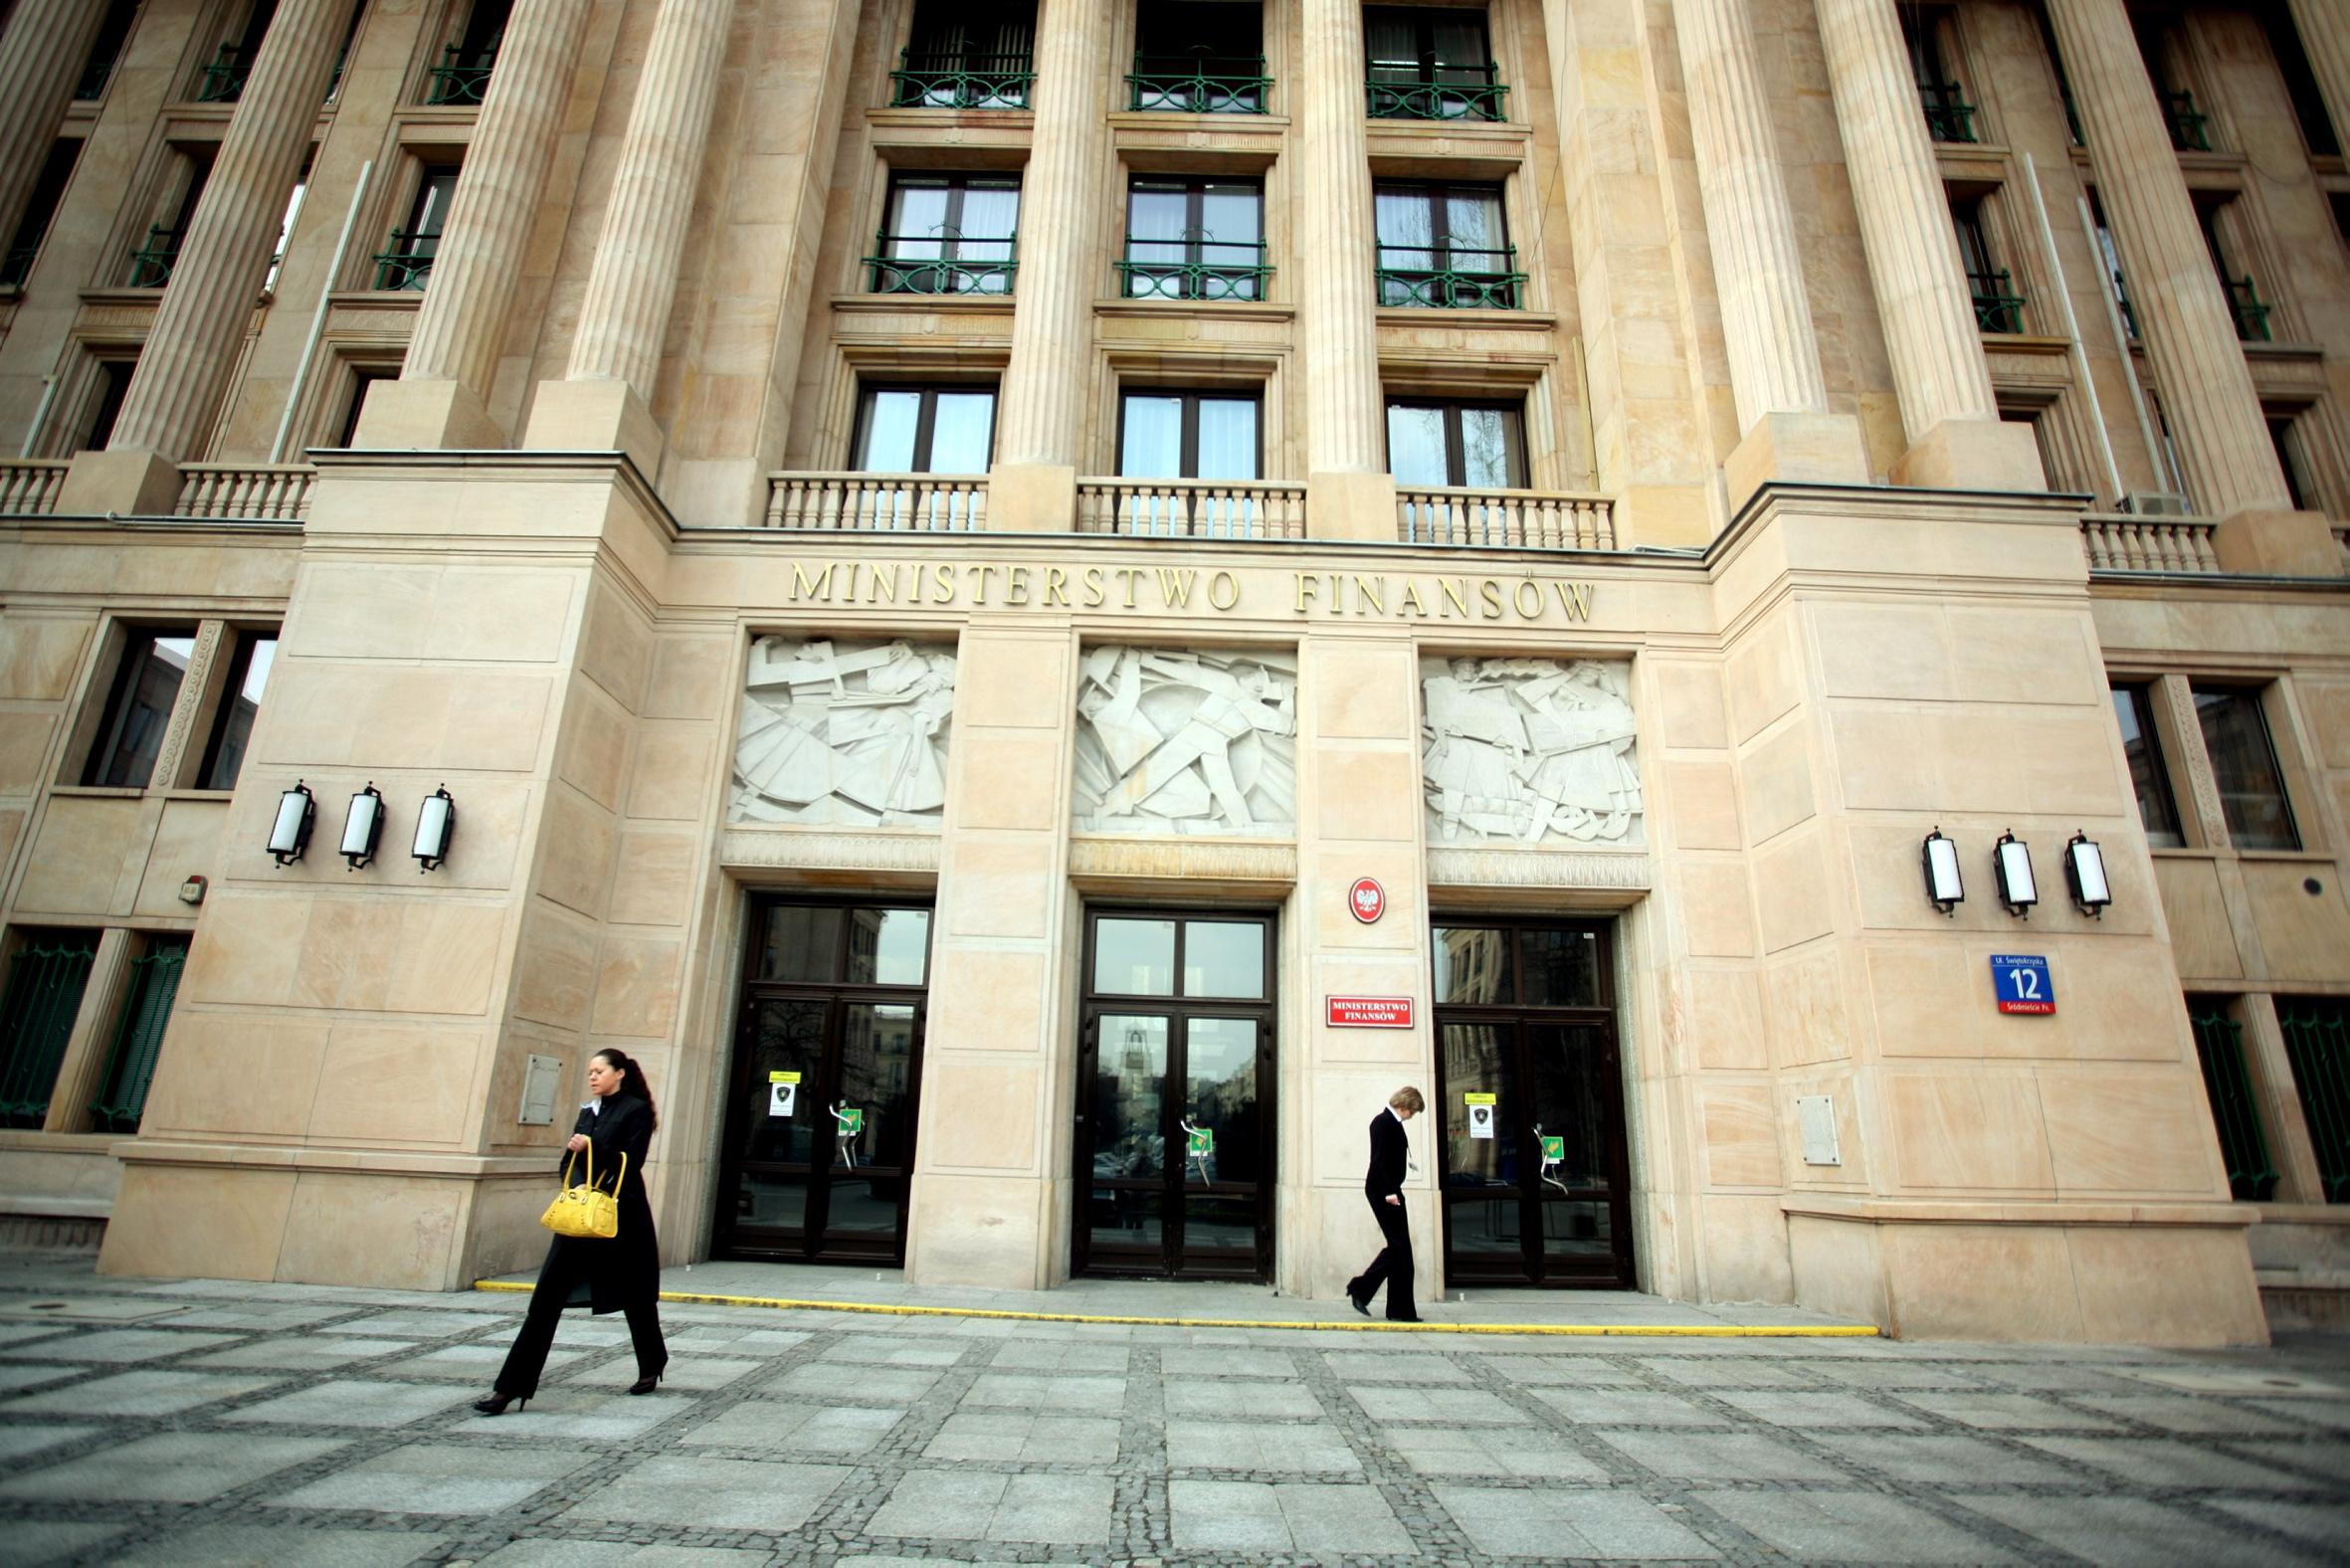 B. wiceminister finansów za rządów PO-PSL usłyszał zarzuty. Straty Skarbu Państwa – bagatela 3 miliardy złotych!